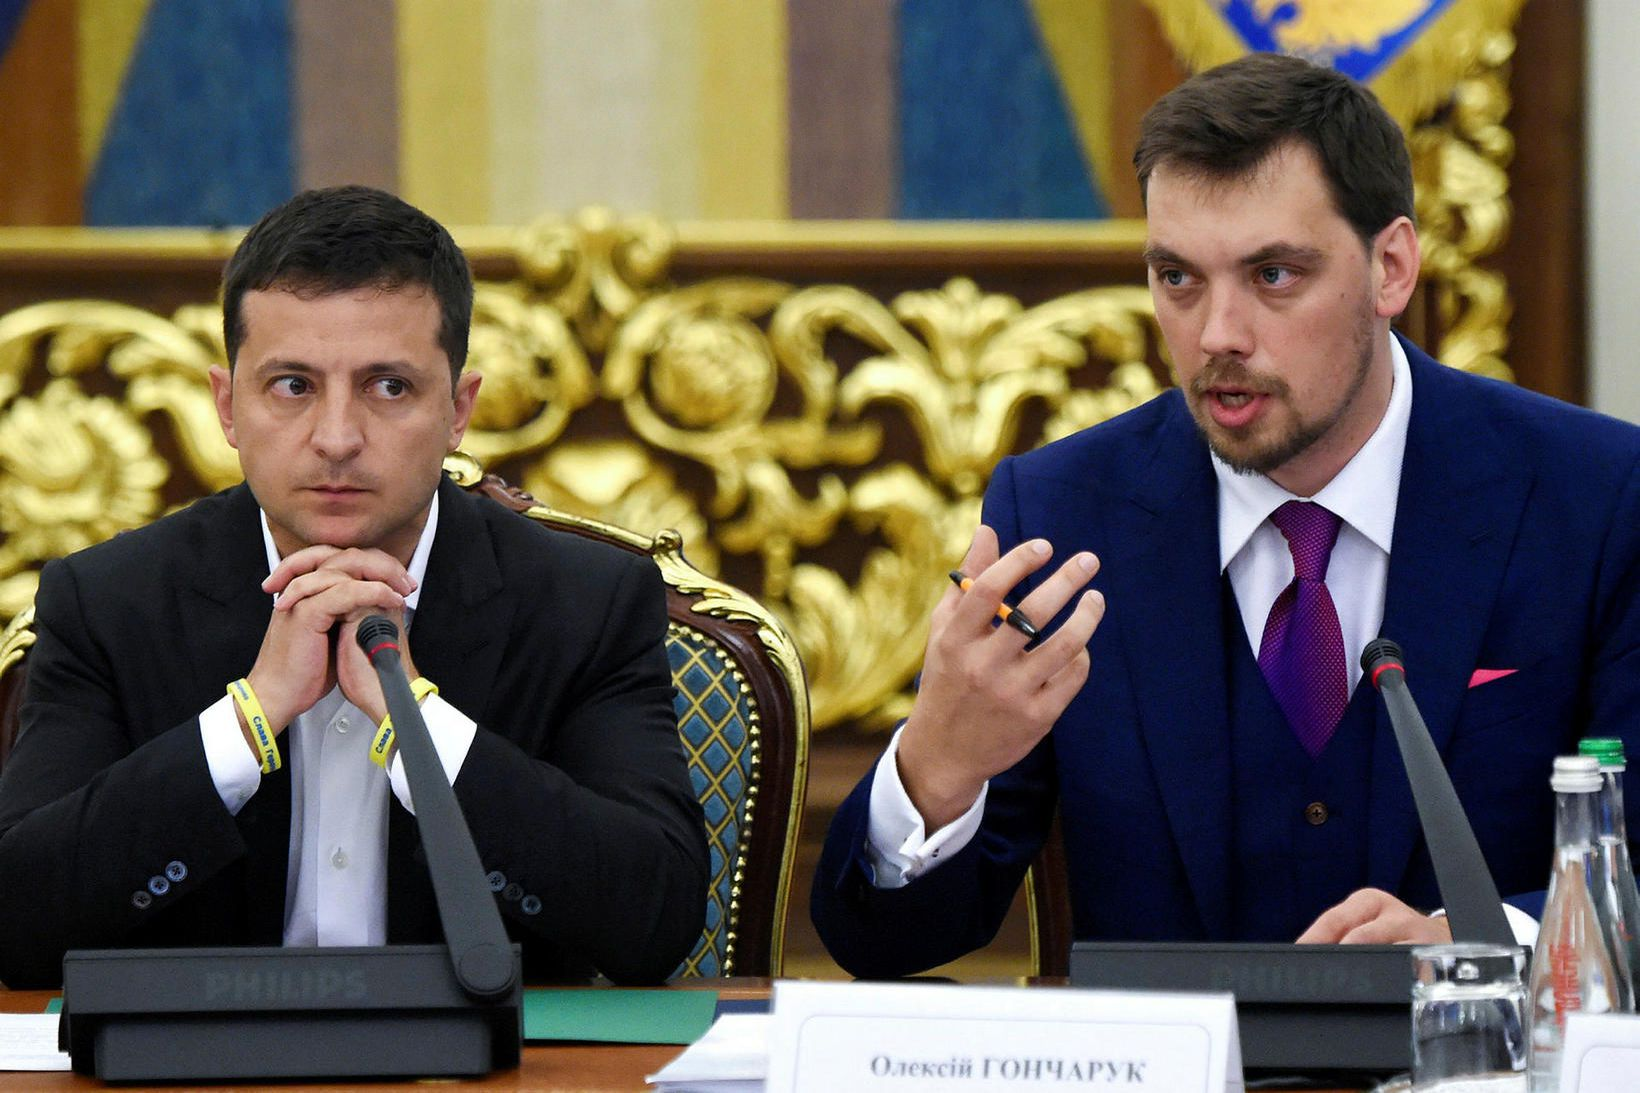 Volodymyr Zelensky, forseti Úkraínu, og forsætisráðherrann Oleksiy Goncharuk.